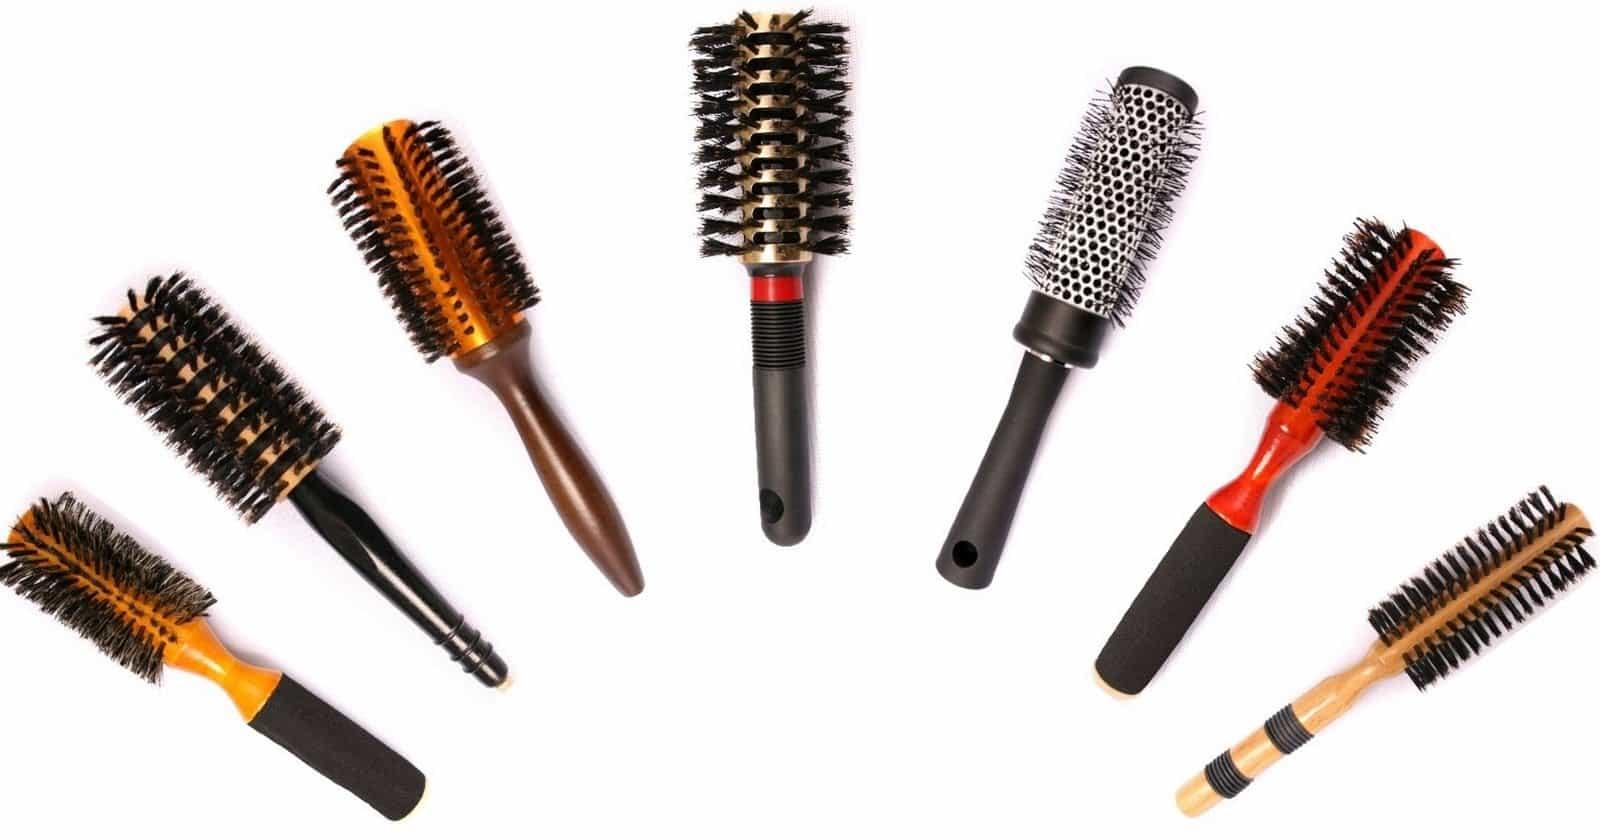 Descubre qué cepillo debes usar para tu tipo de cabello